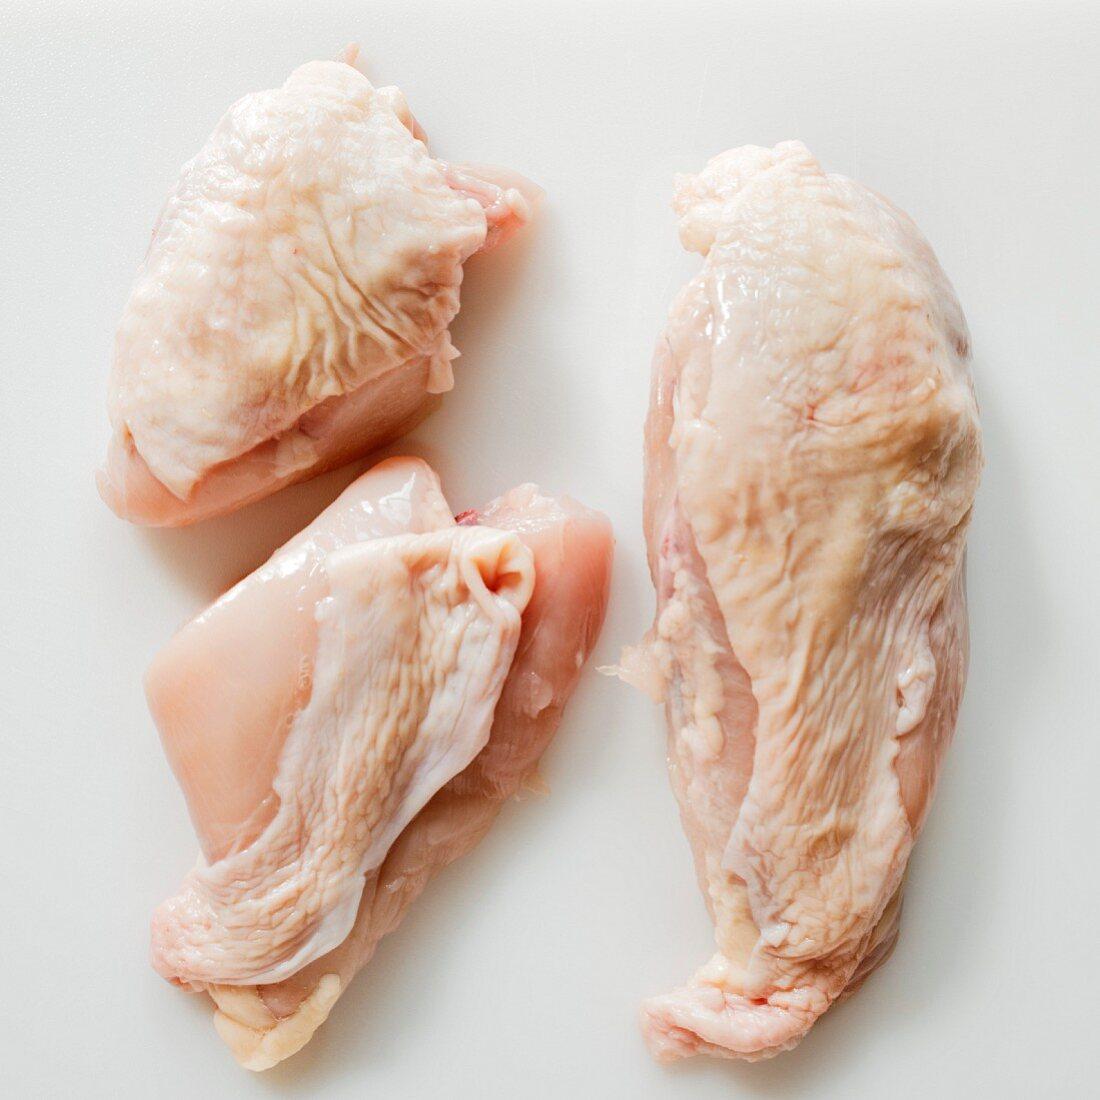 Three chicken breast pieces